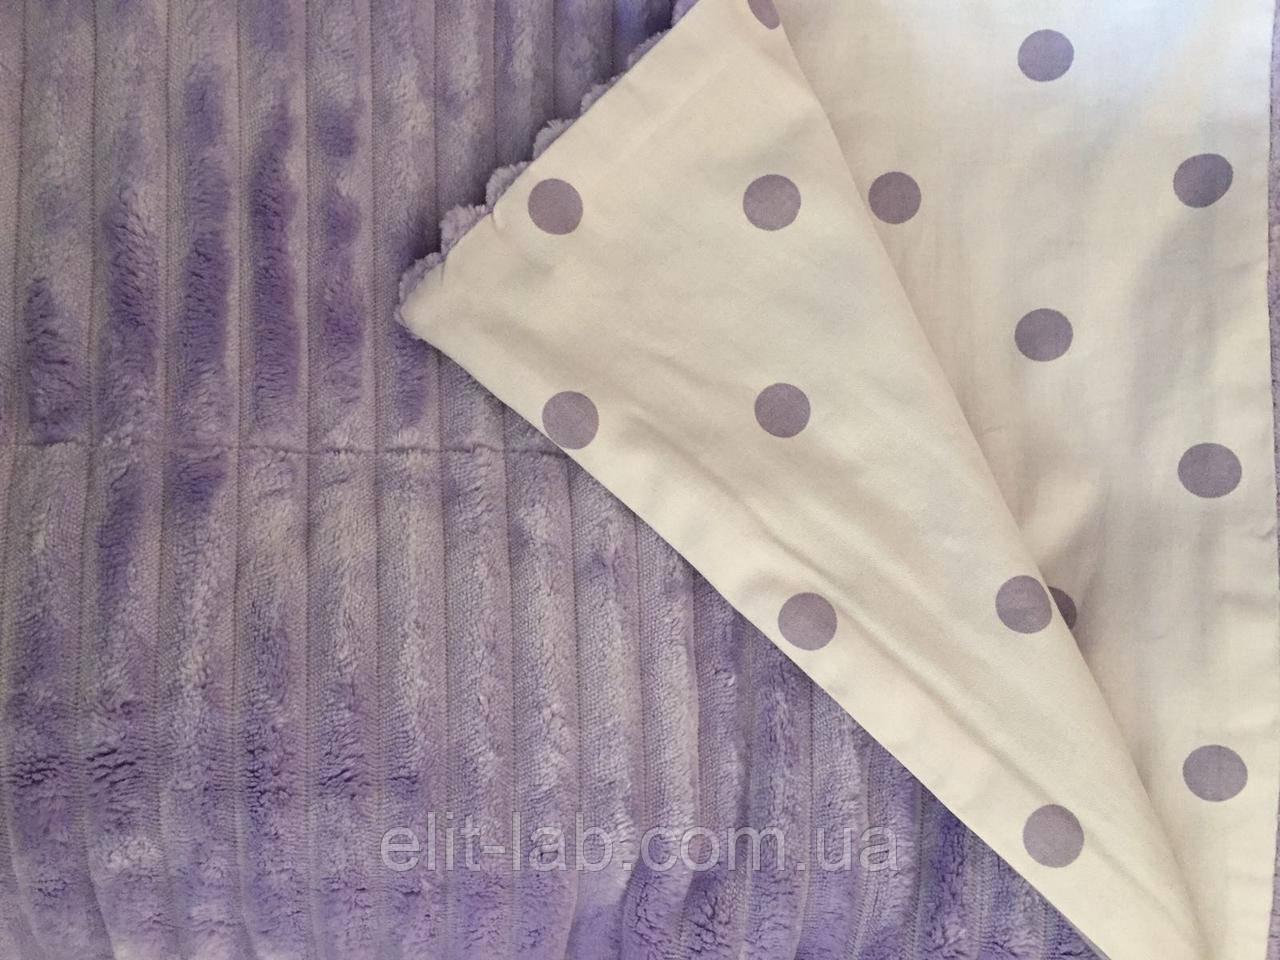 Плюшевый плед на кушетку 120 см на 160 см - фиолетовый